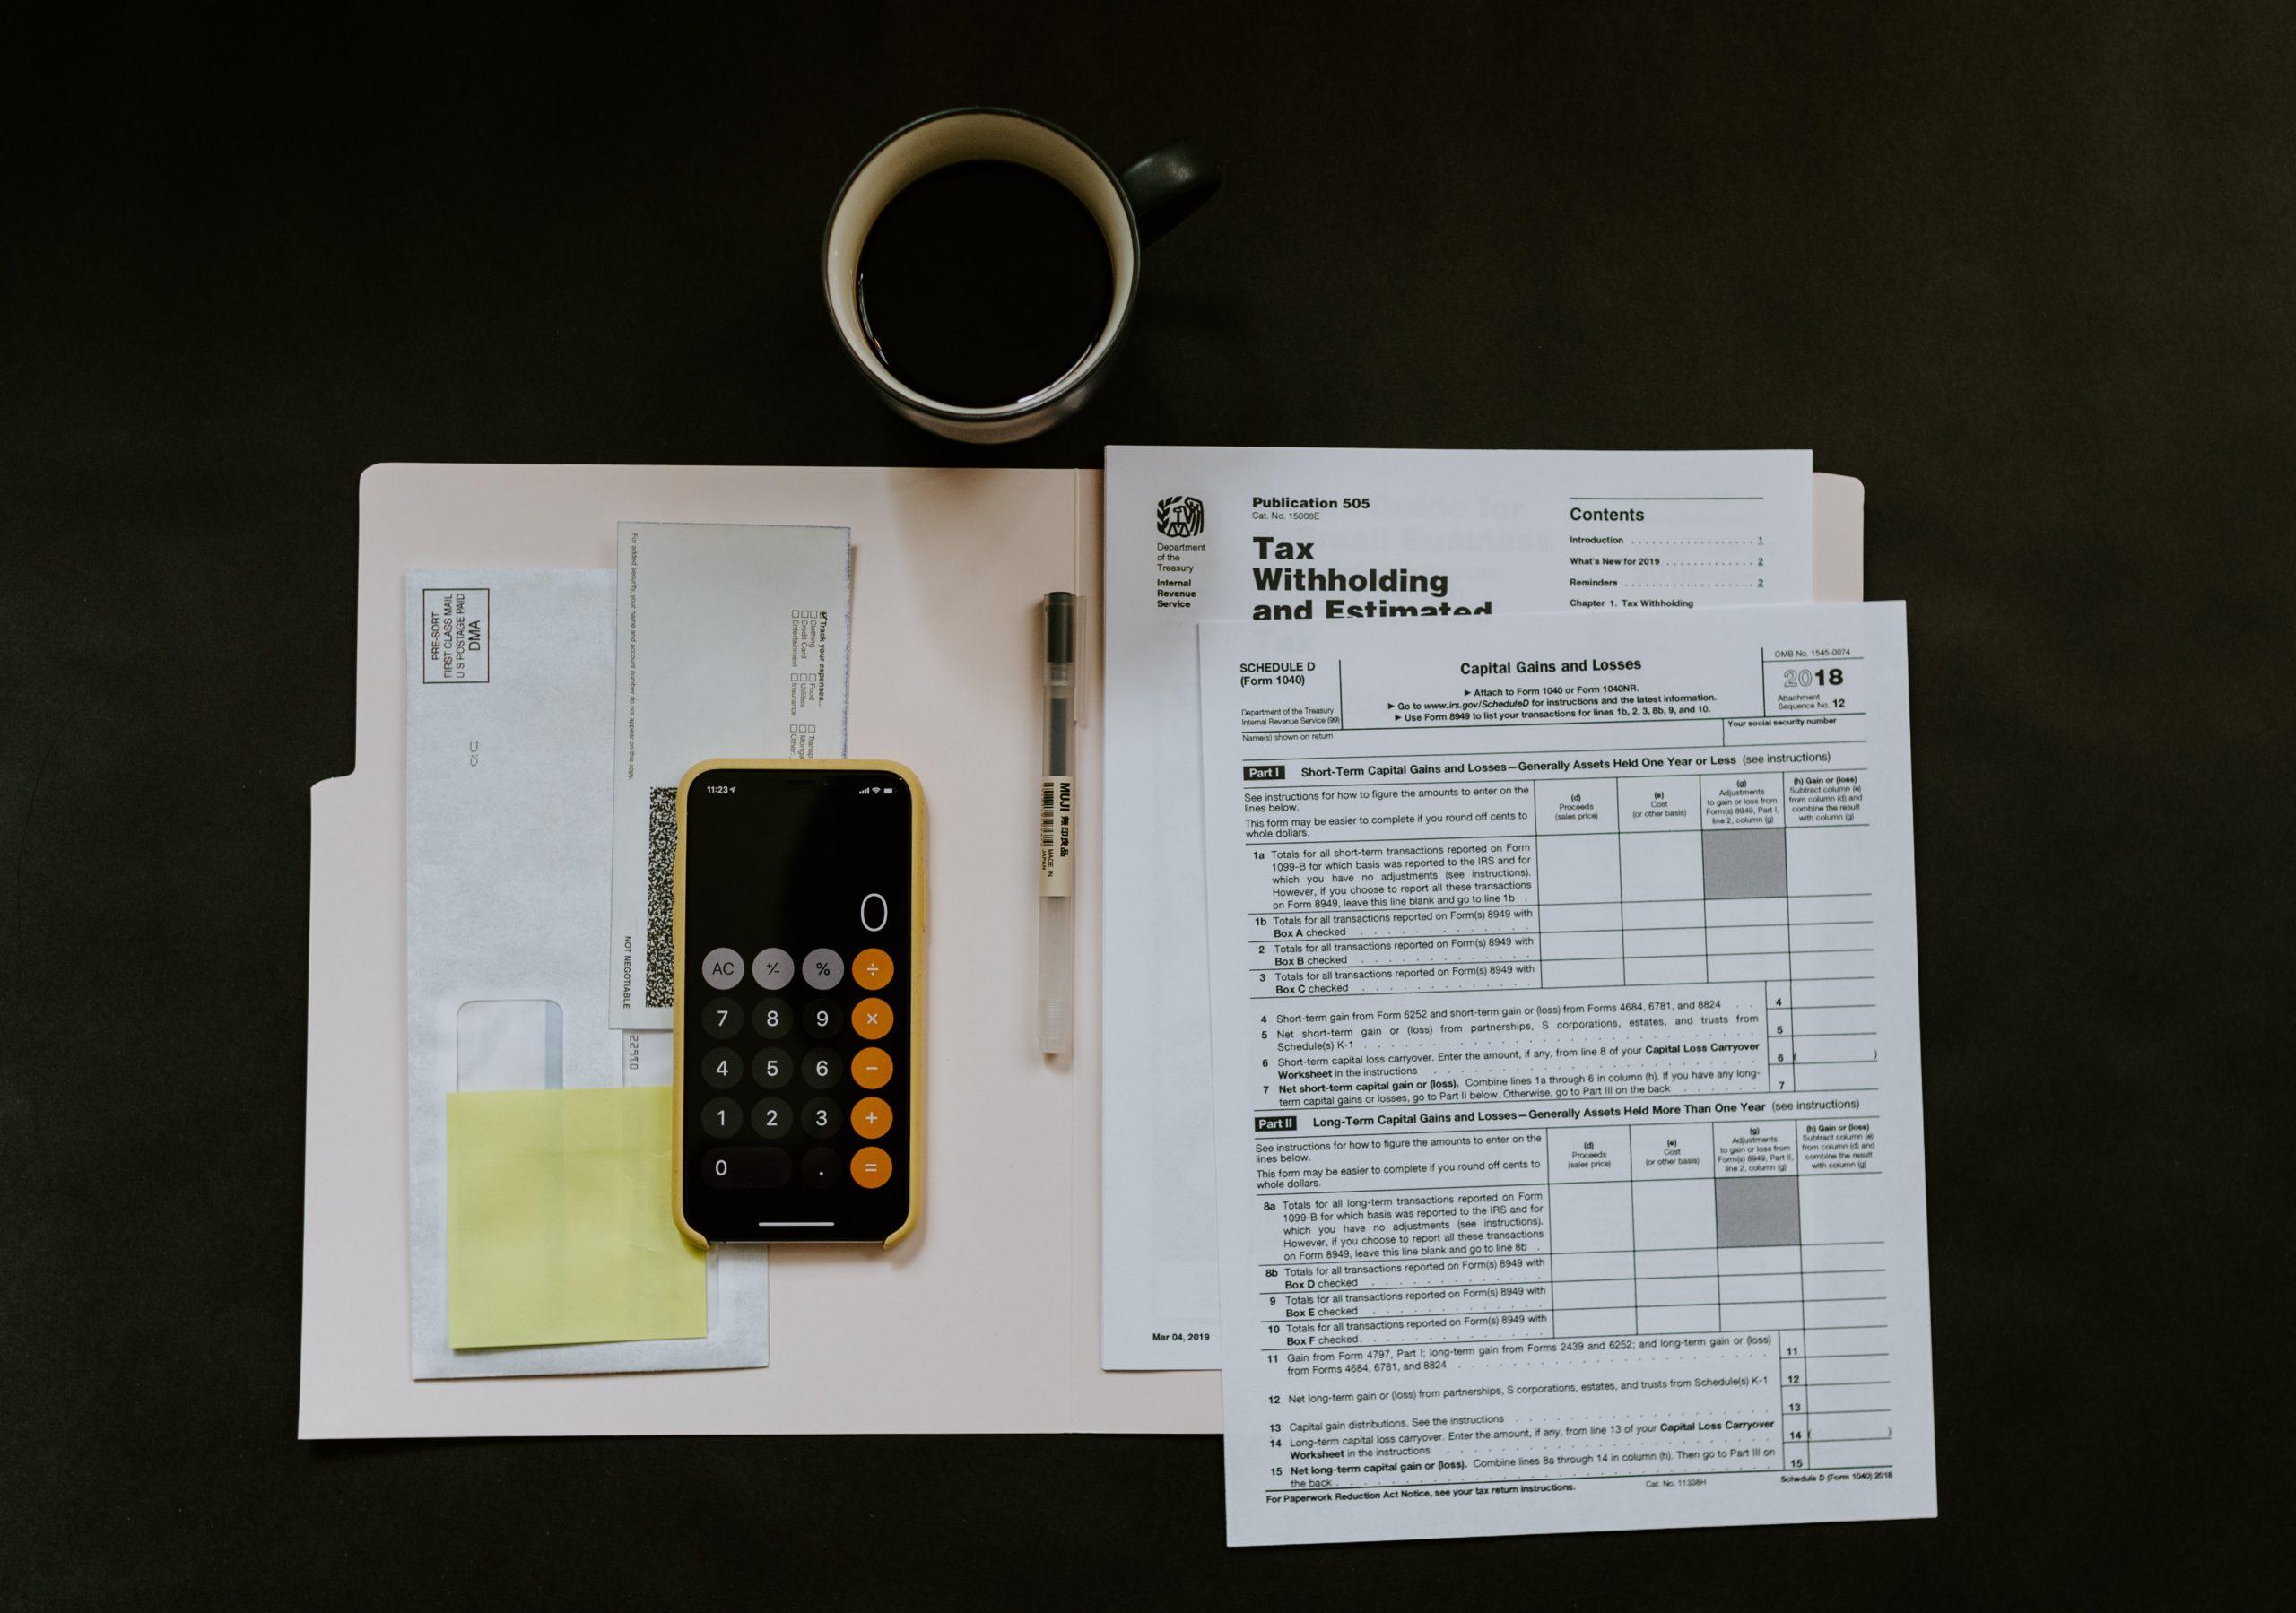 Self Assessment Tax Return Paperwork